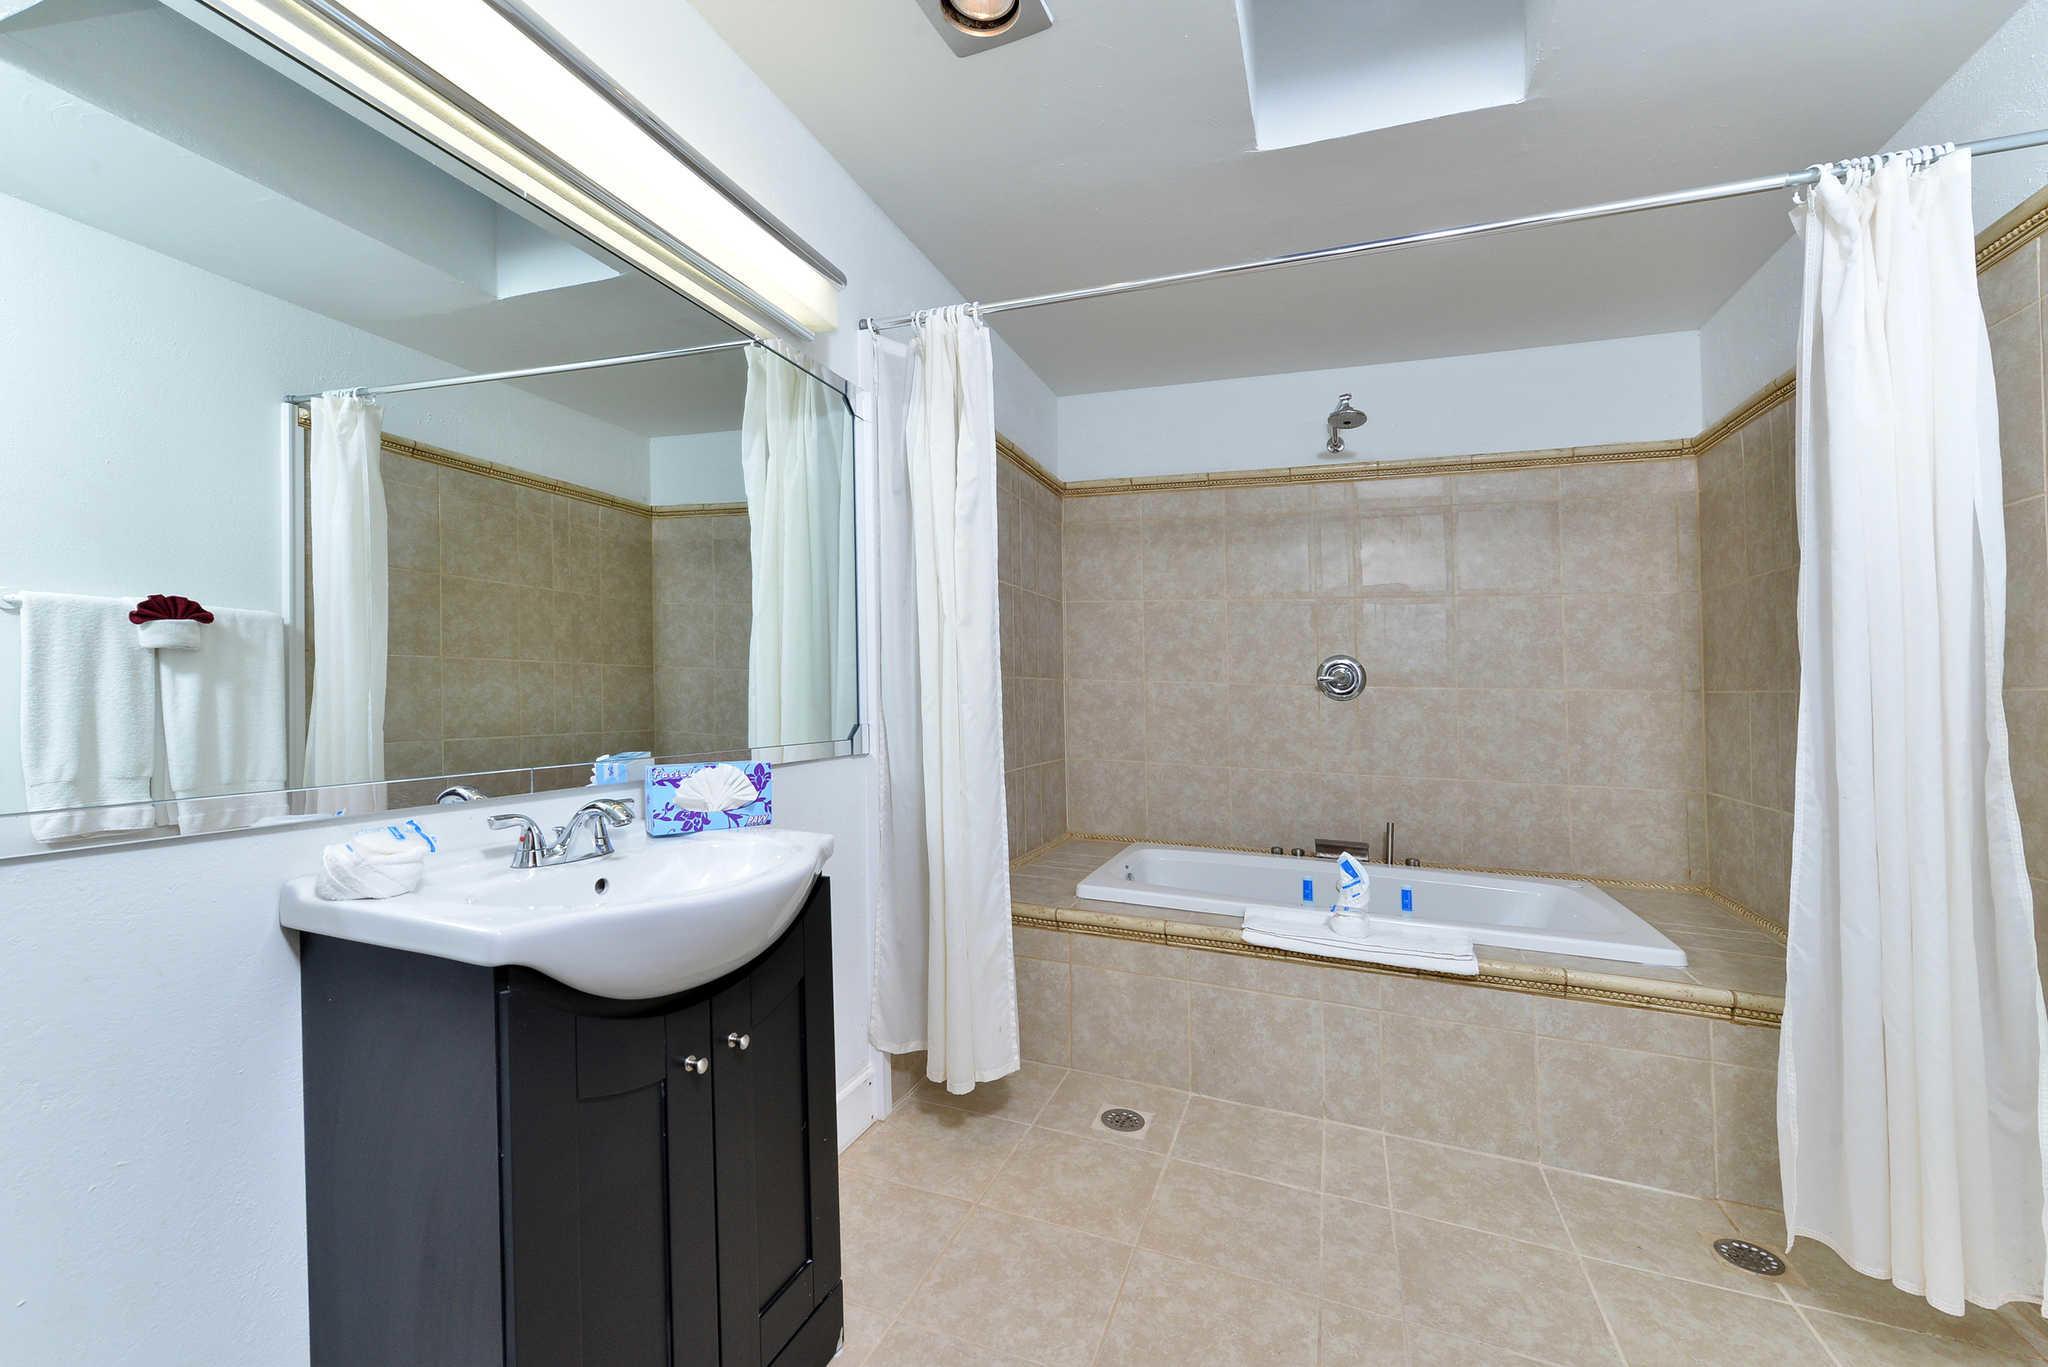 Rodeway Inn & Suites - Closed image 15